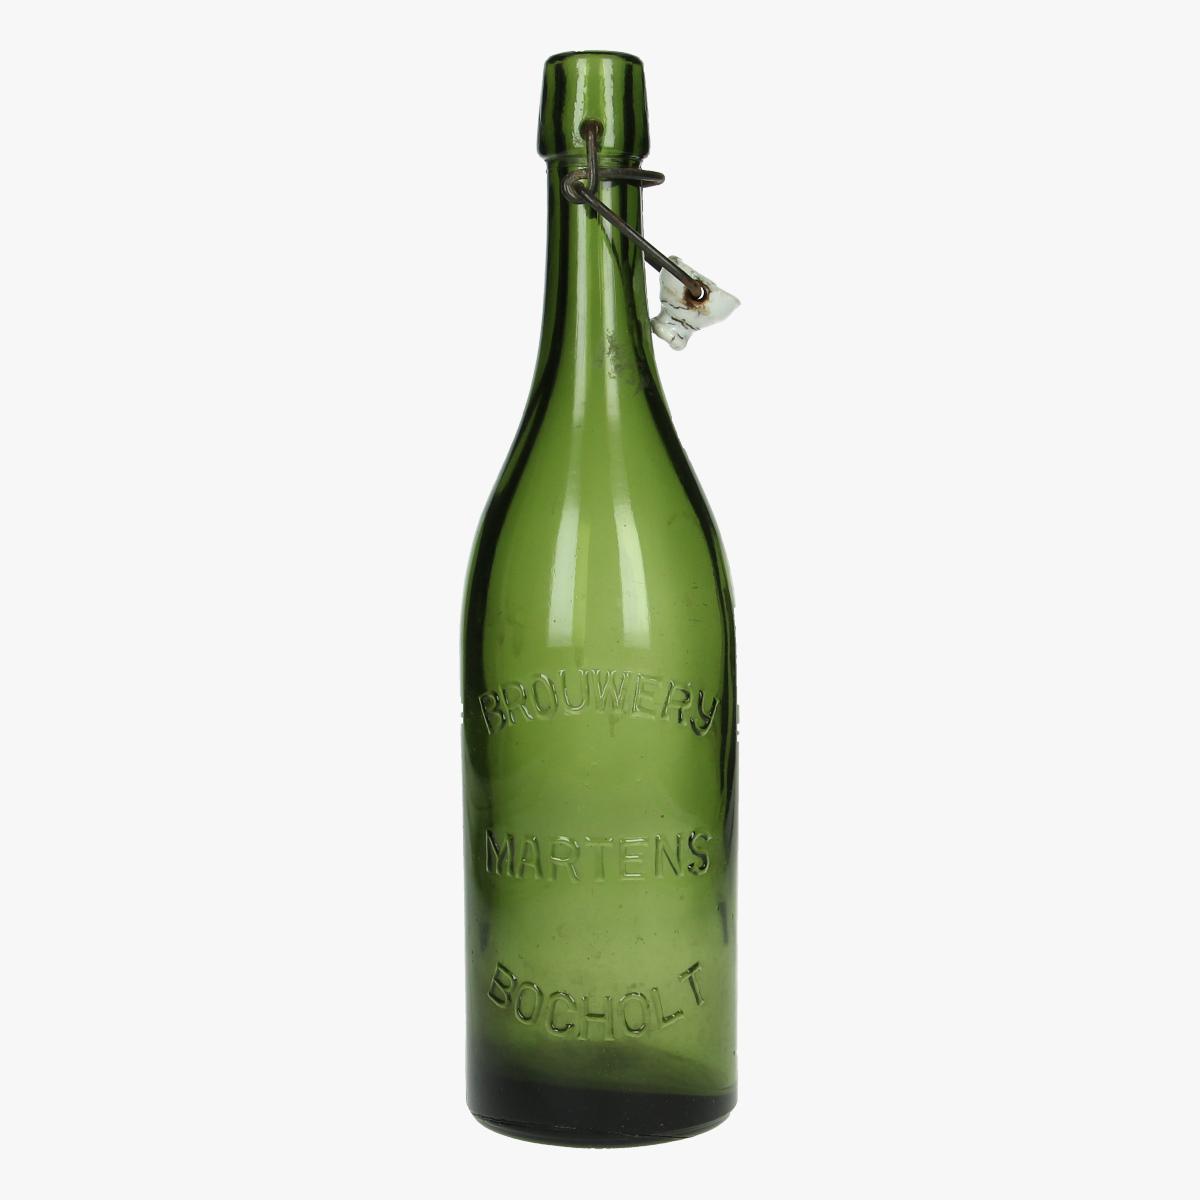 Afbeeldingen van oude fles brouwerij martens Bochelt